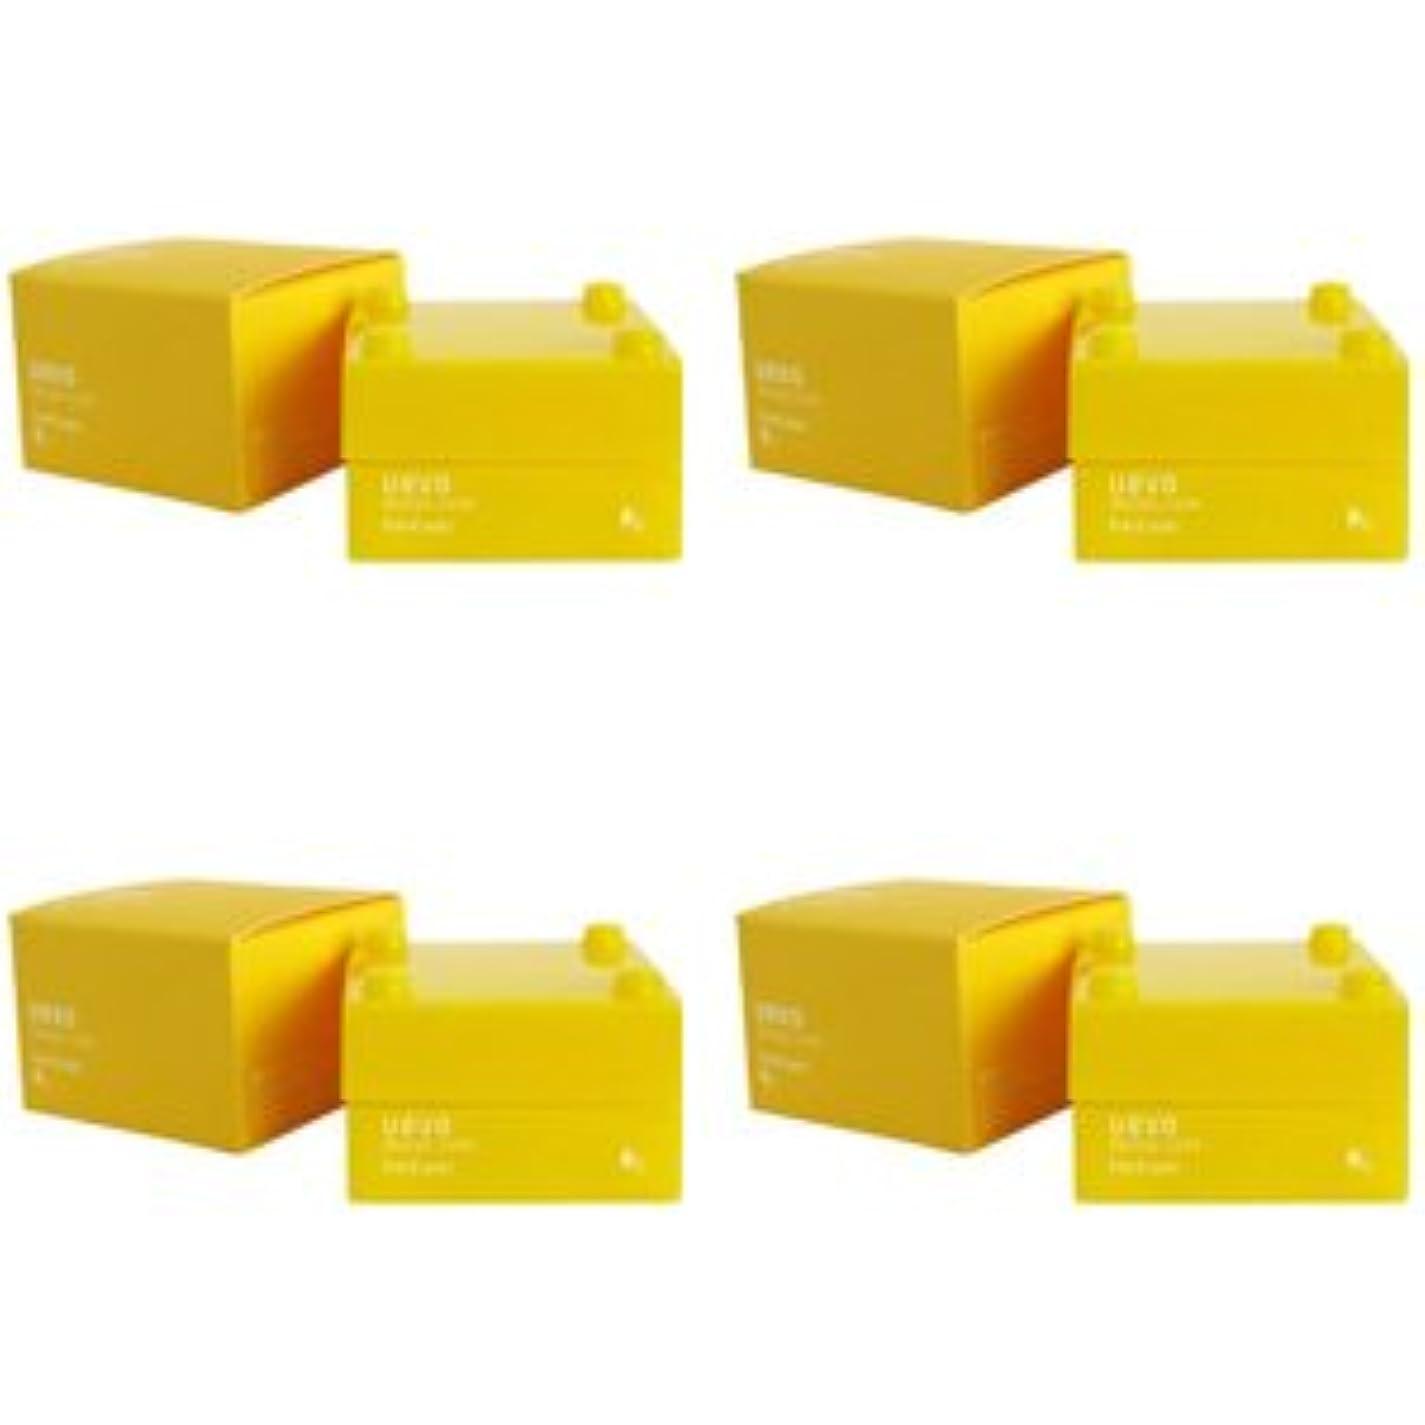 はっきりとヘビ相談【X4個セット】 デミ ウェーボ デザインキューブ ハードワックス 30g hard wax DEMI uevo design cube